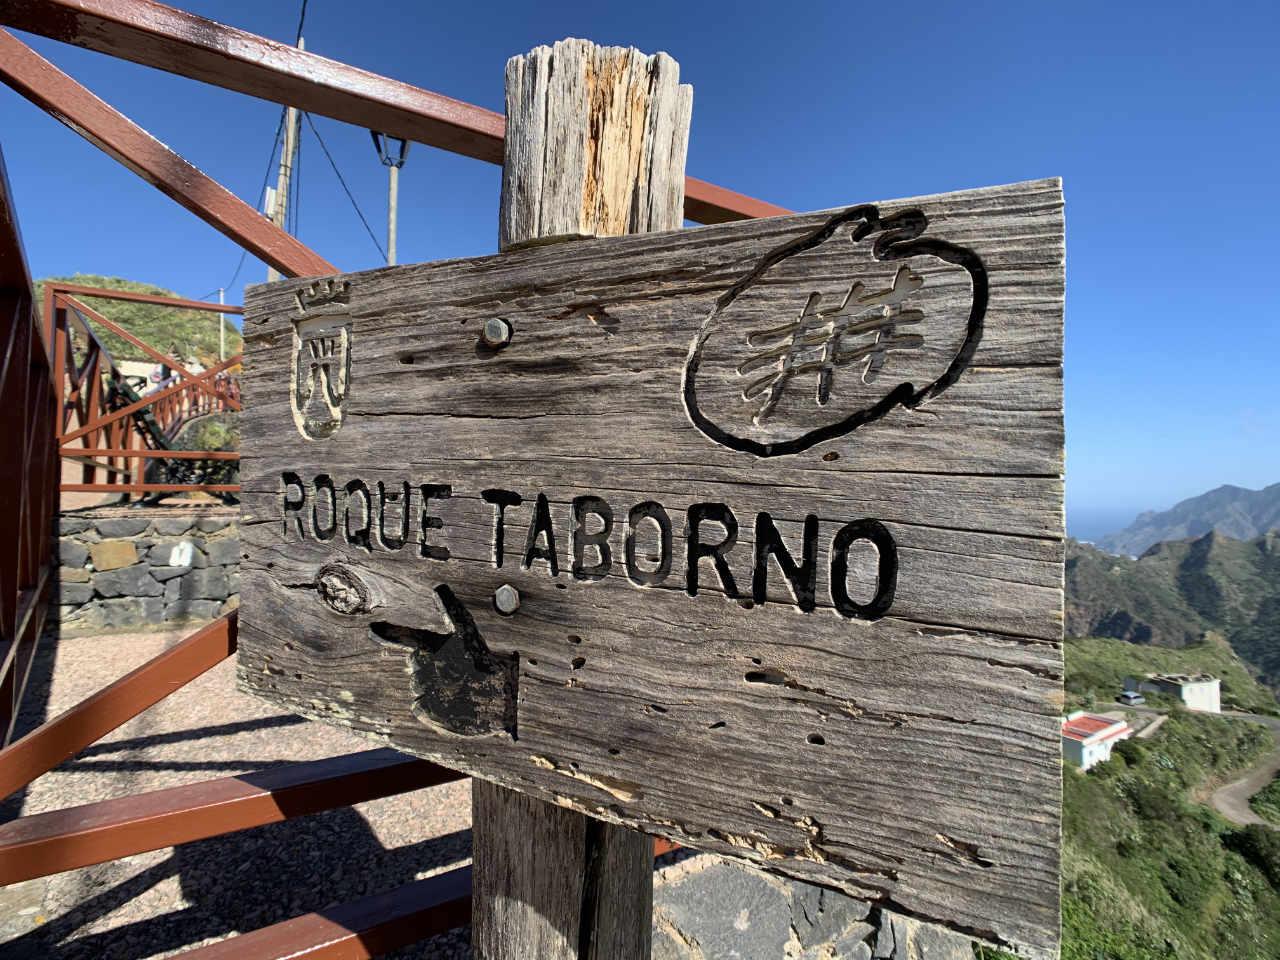 Holzschild als Wegzeichen zum Roque del Taborno